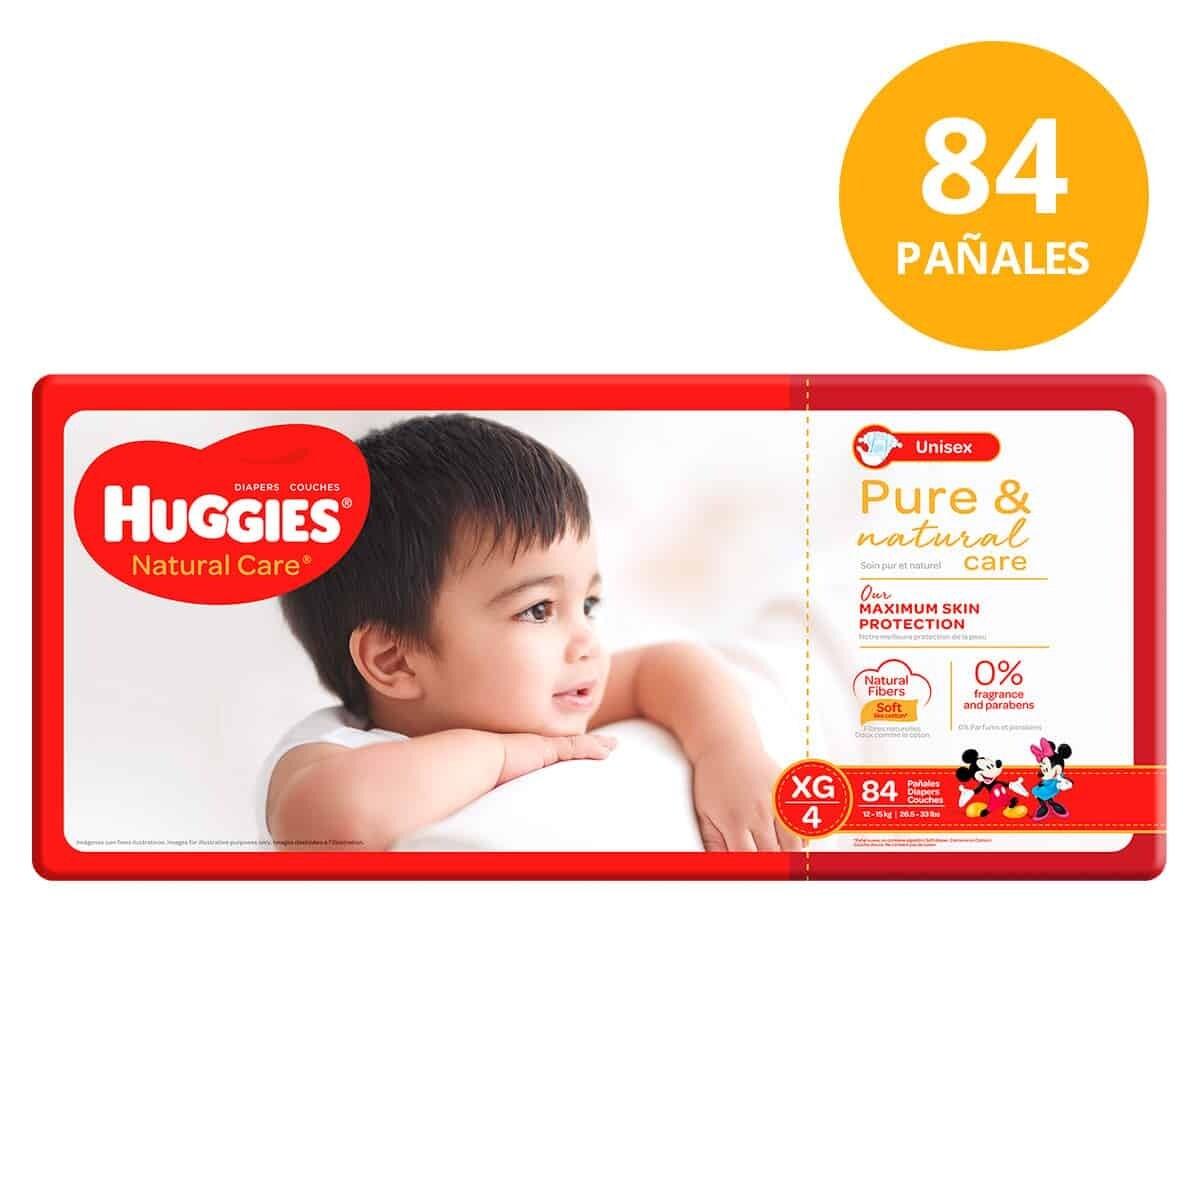 Pañales Huggies Natural Care XG/4  84 Unidades